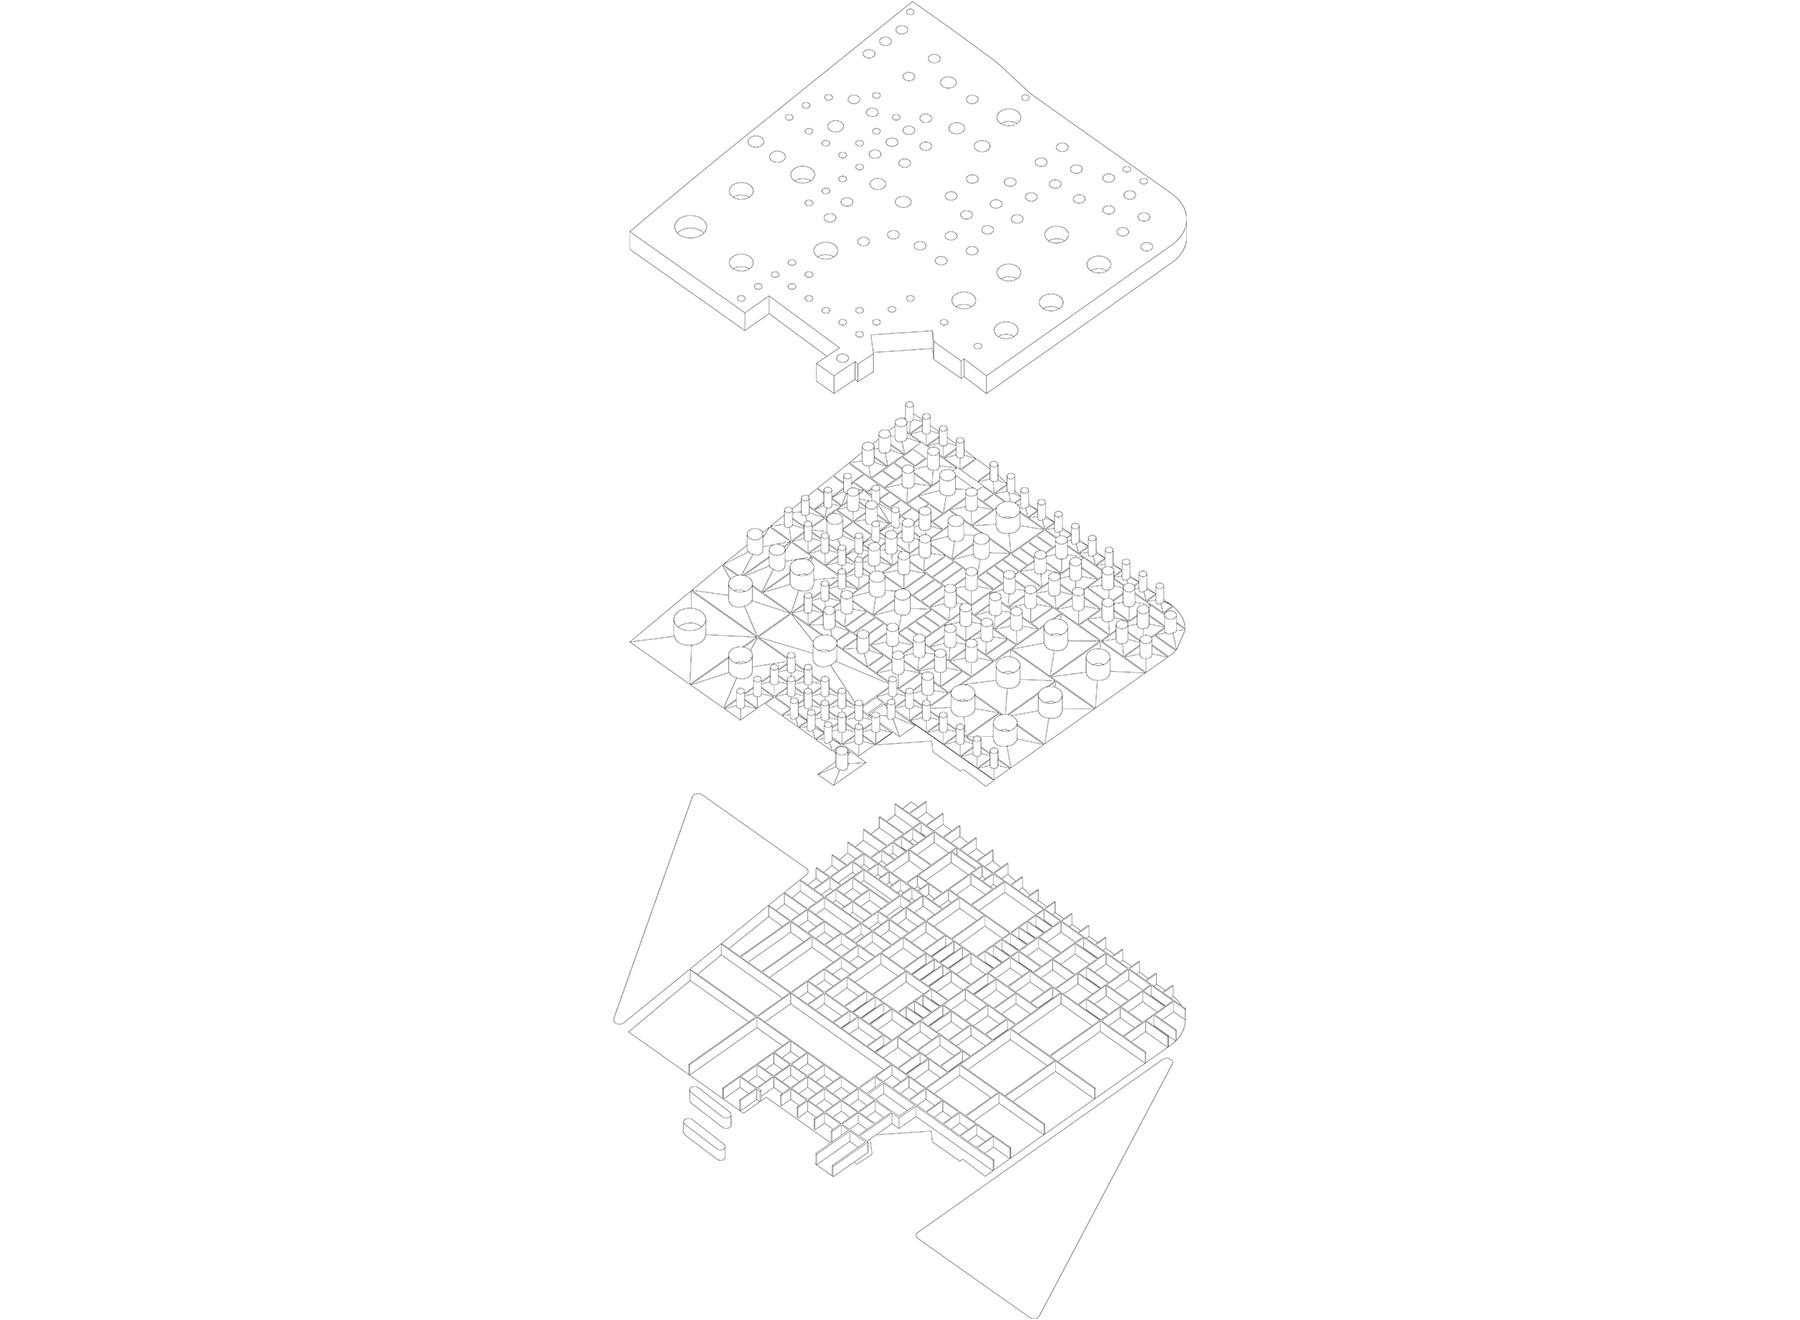 roof facade - non-public floor - exhibition spaces